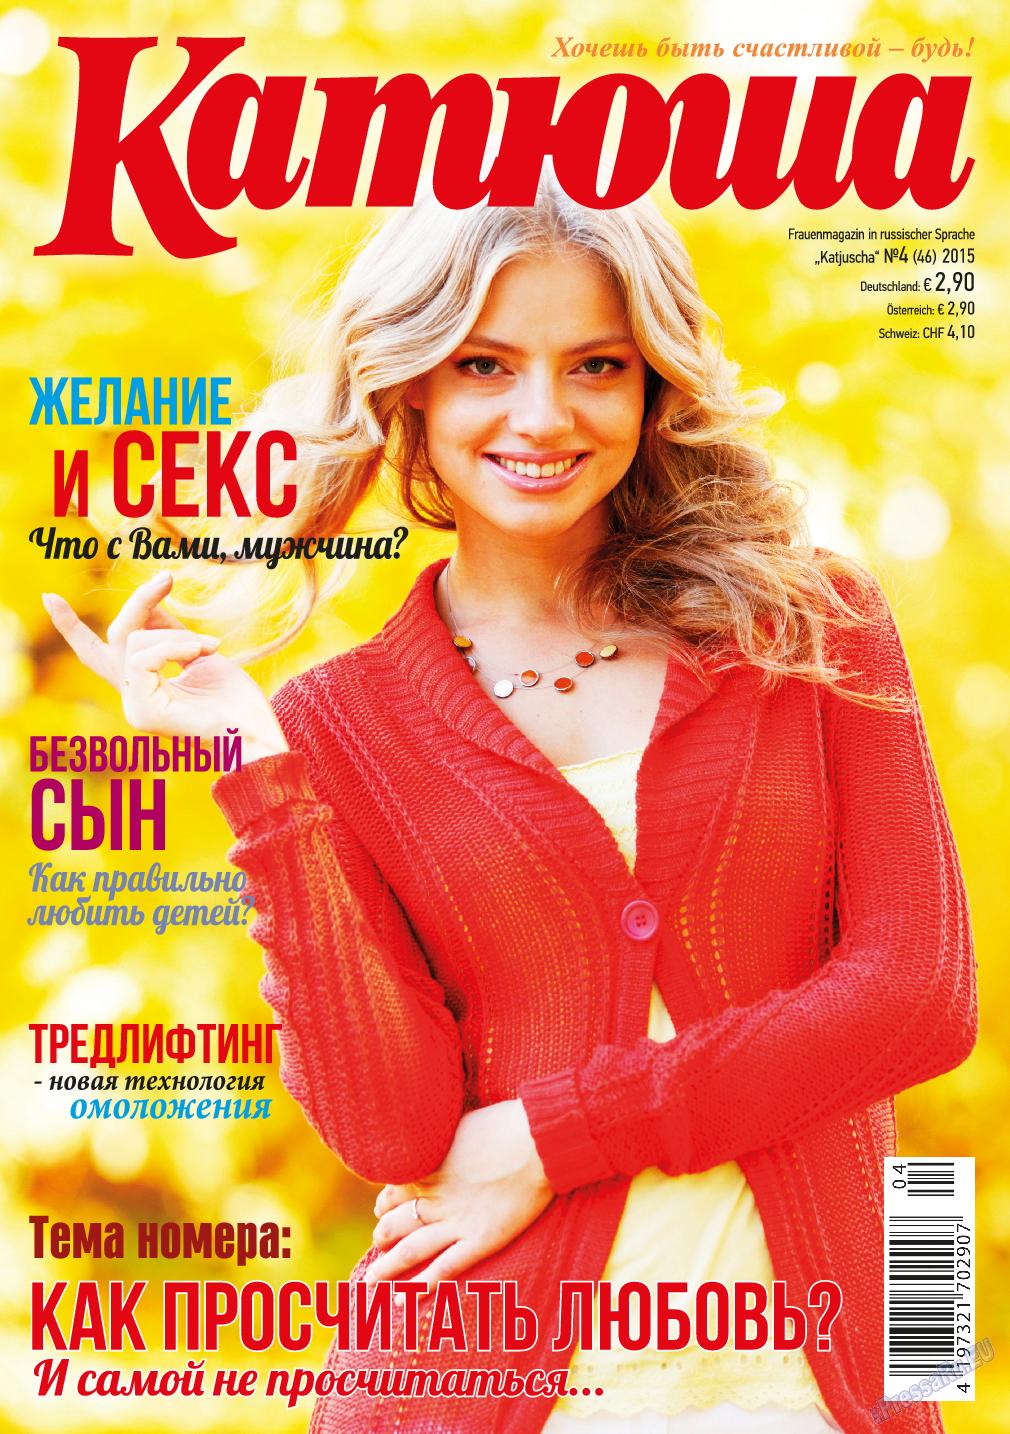 Катюша (журнал). 2015 год, номер 46, стр. 1